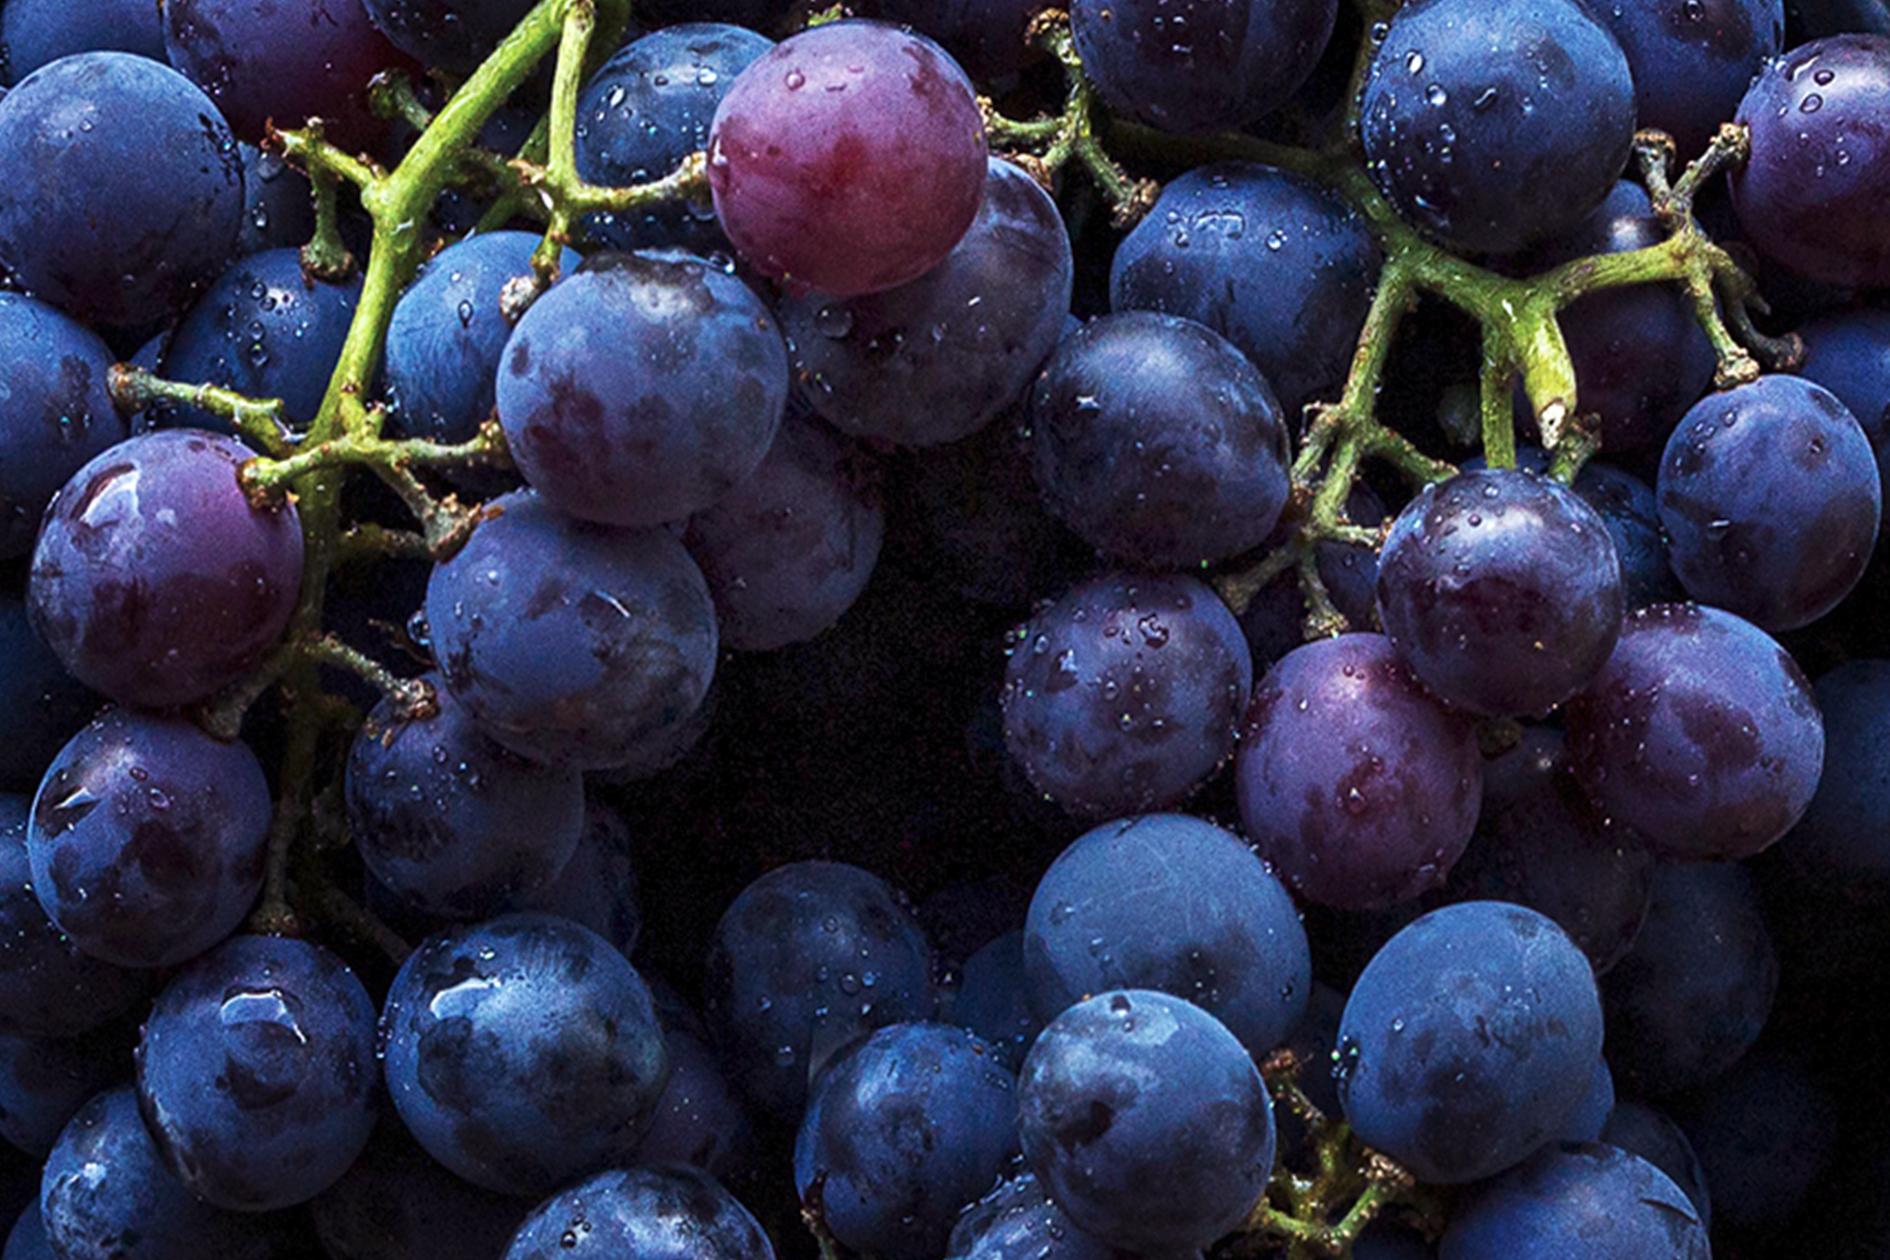 jason-b-graham-grapes-uzum-0019